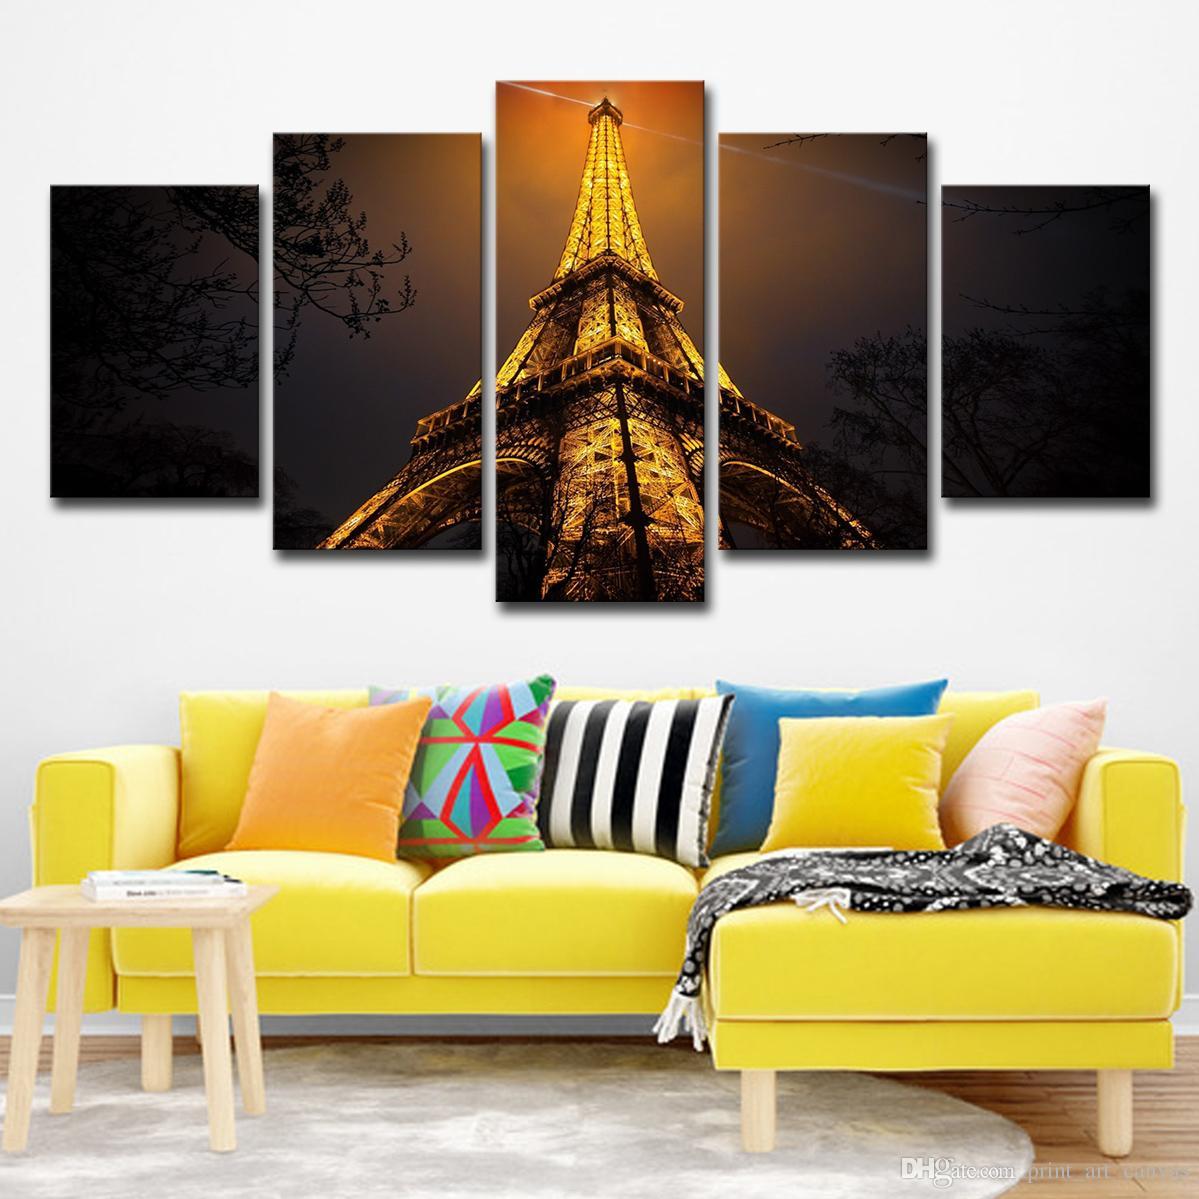 Duvar Sanat Tuval HD Baskılar Boyama Posteri 5 Parça Yukarı Bakıyor Eyfel Kulesi Gece Görünümü Resimleri Ev Dekor